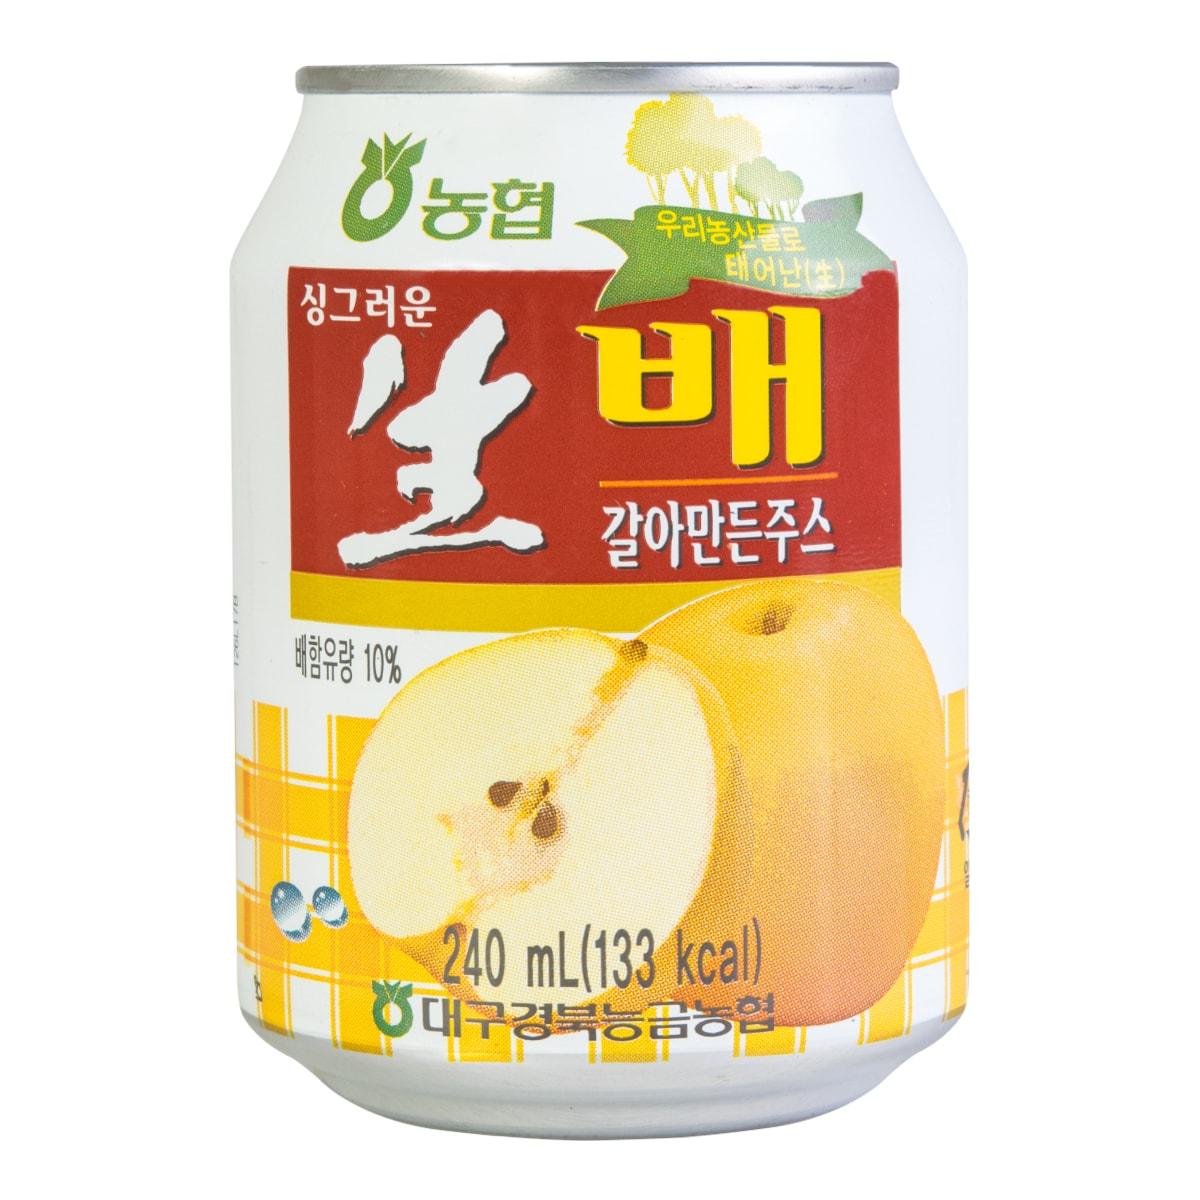 韩国NONGHYUP 水梨果肉果汁 240ml